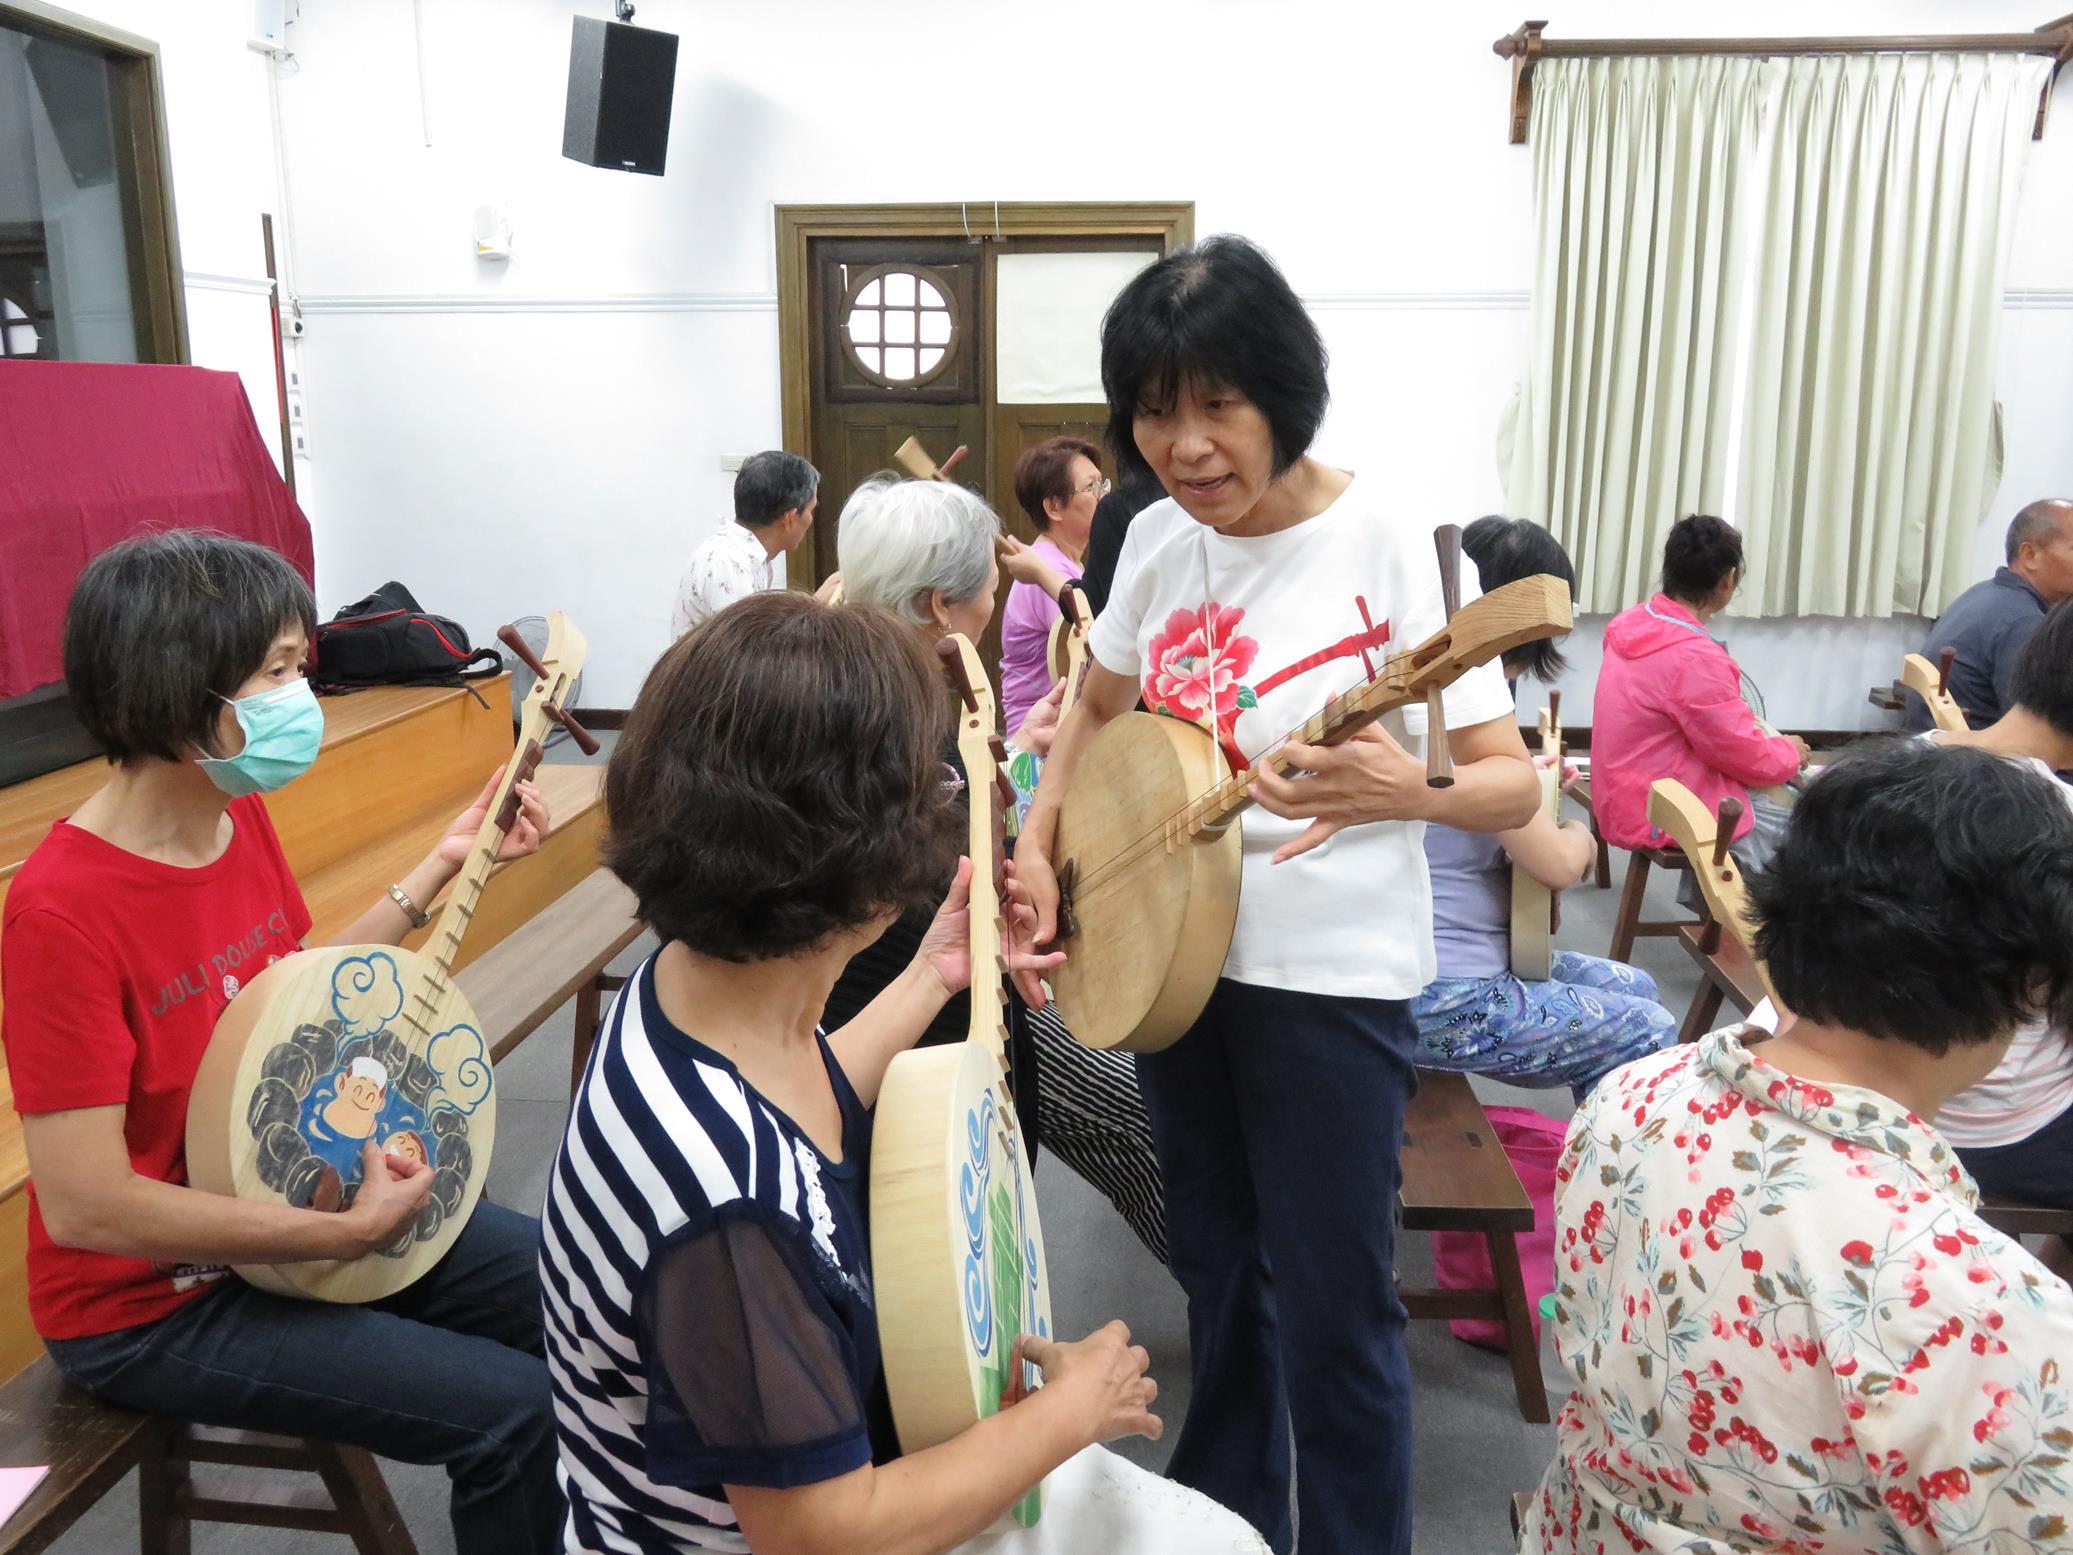 20160829_志工月琴祭體驗課05